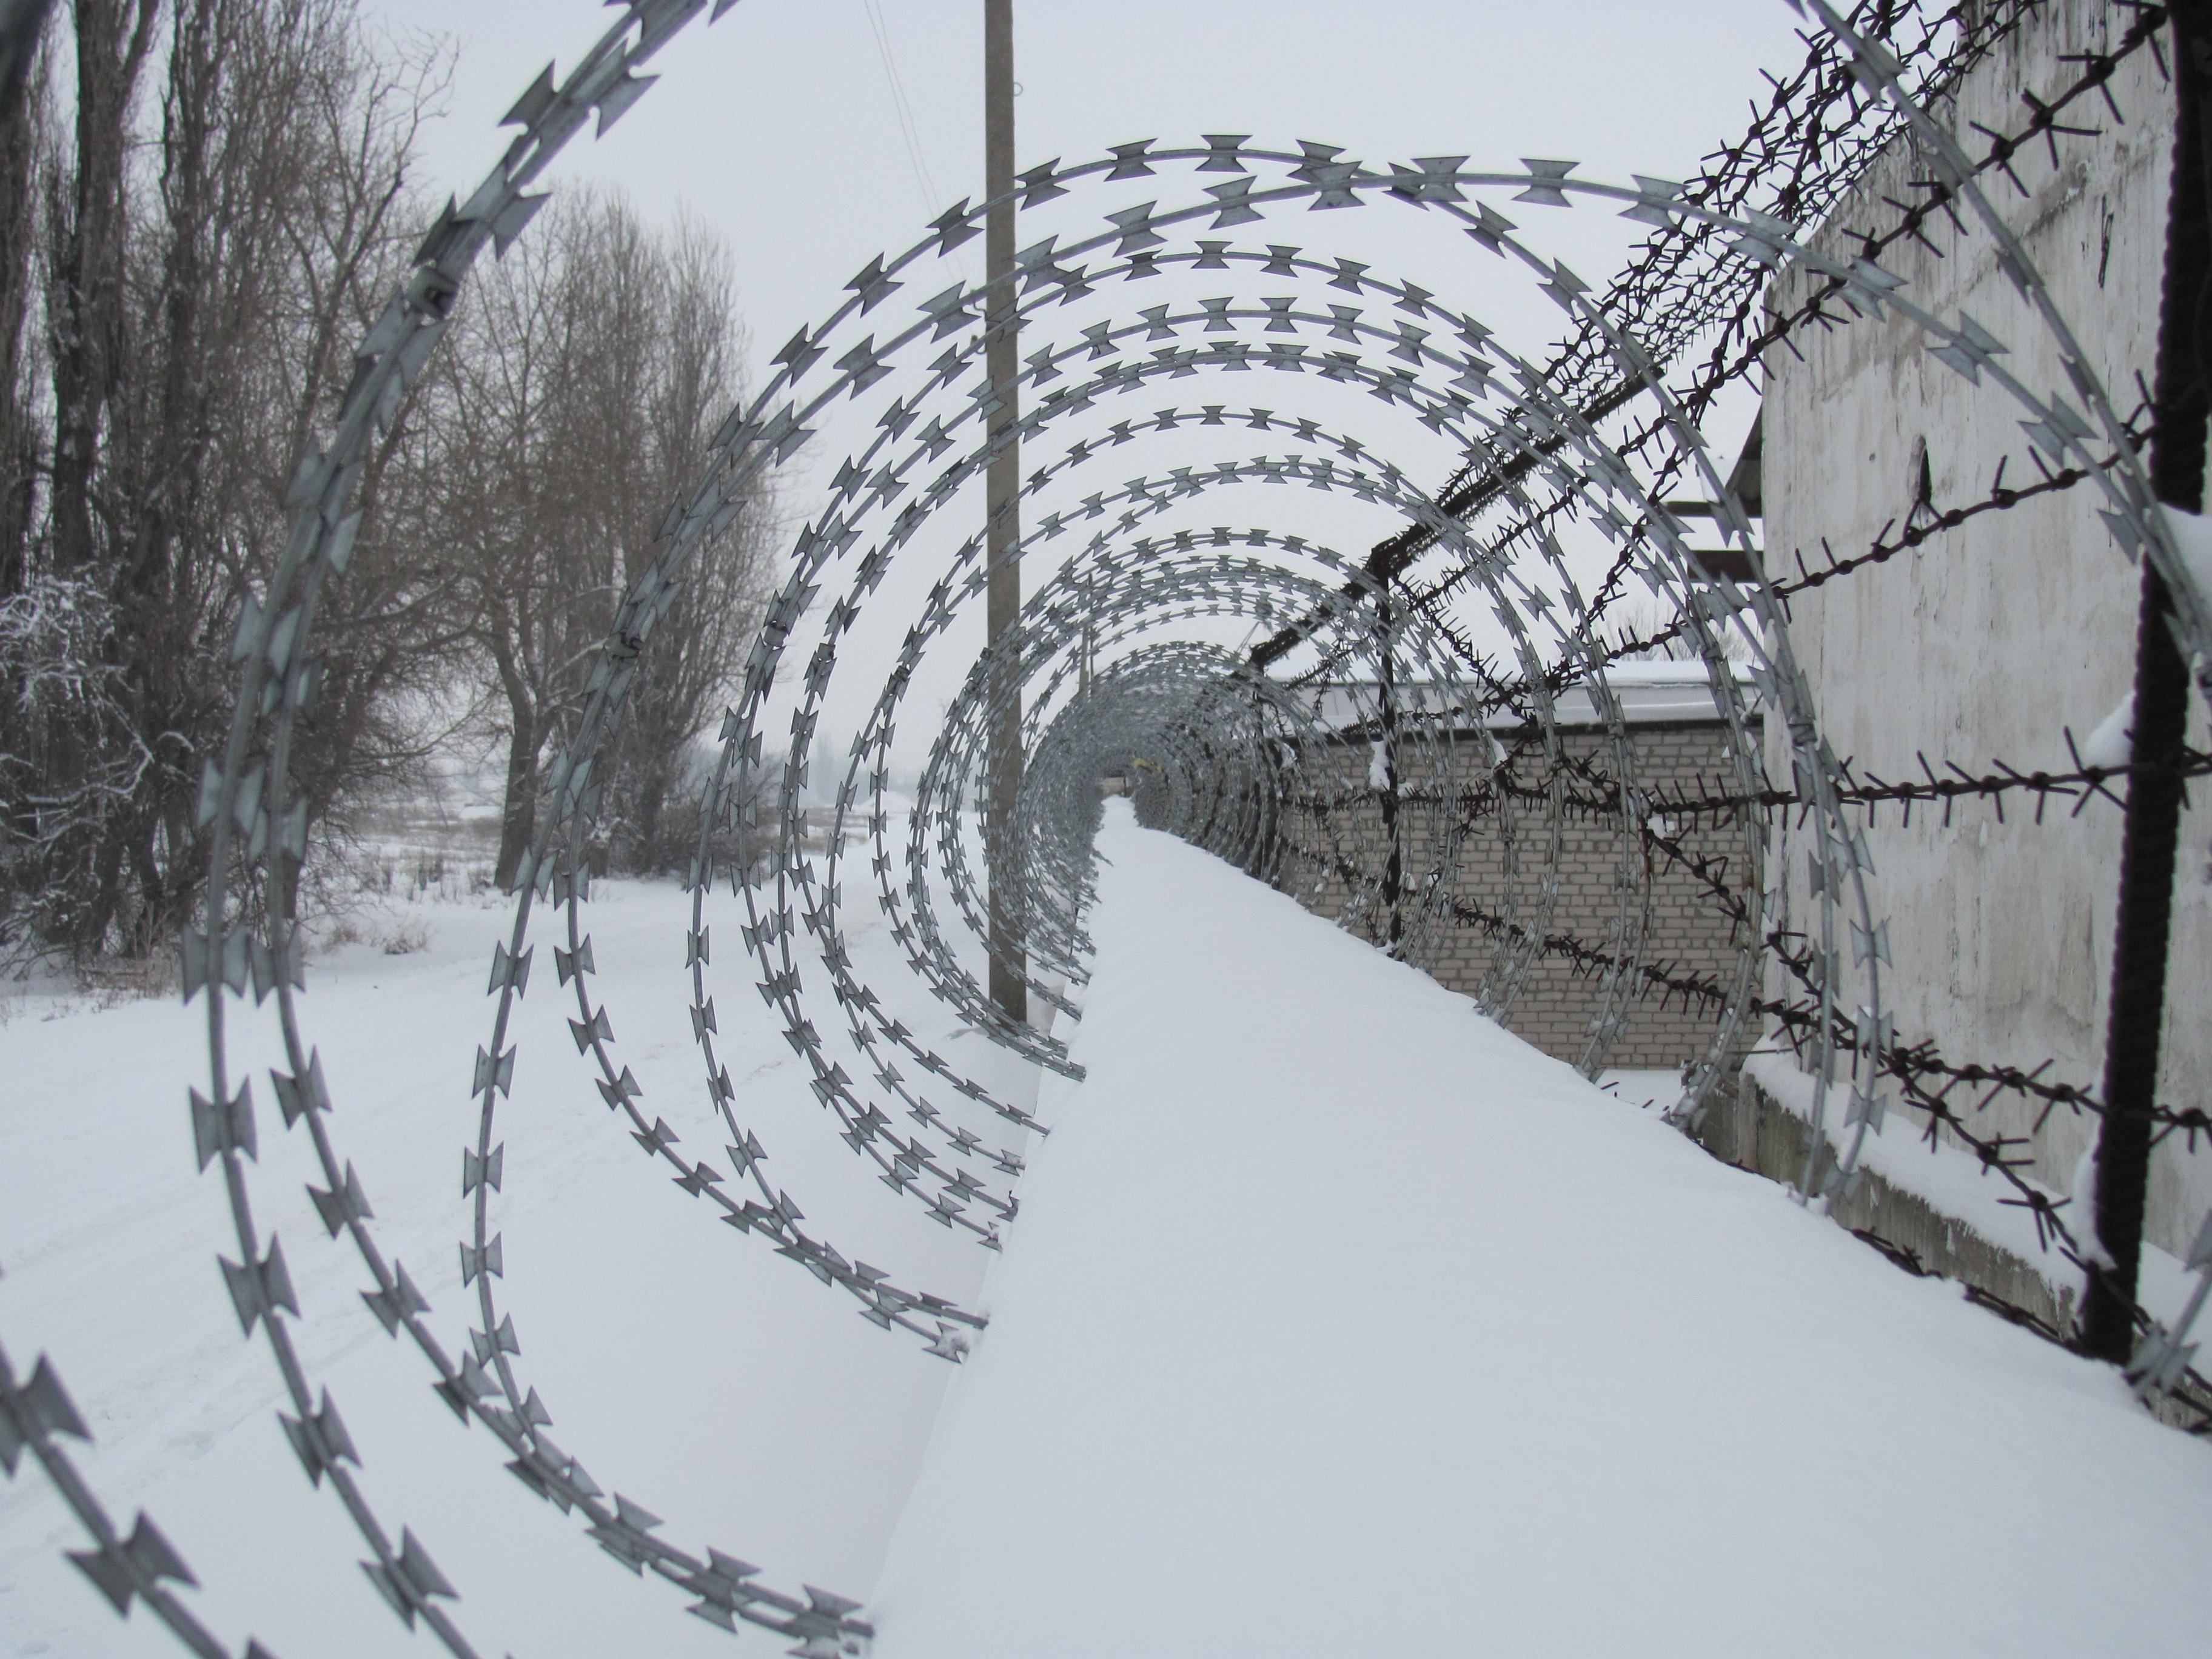 Kostenlose foto : Ast, Schnee, Winter, scharf, Zaun, Brücke, Draht ...